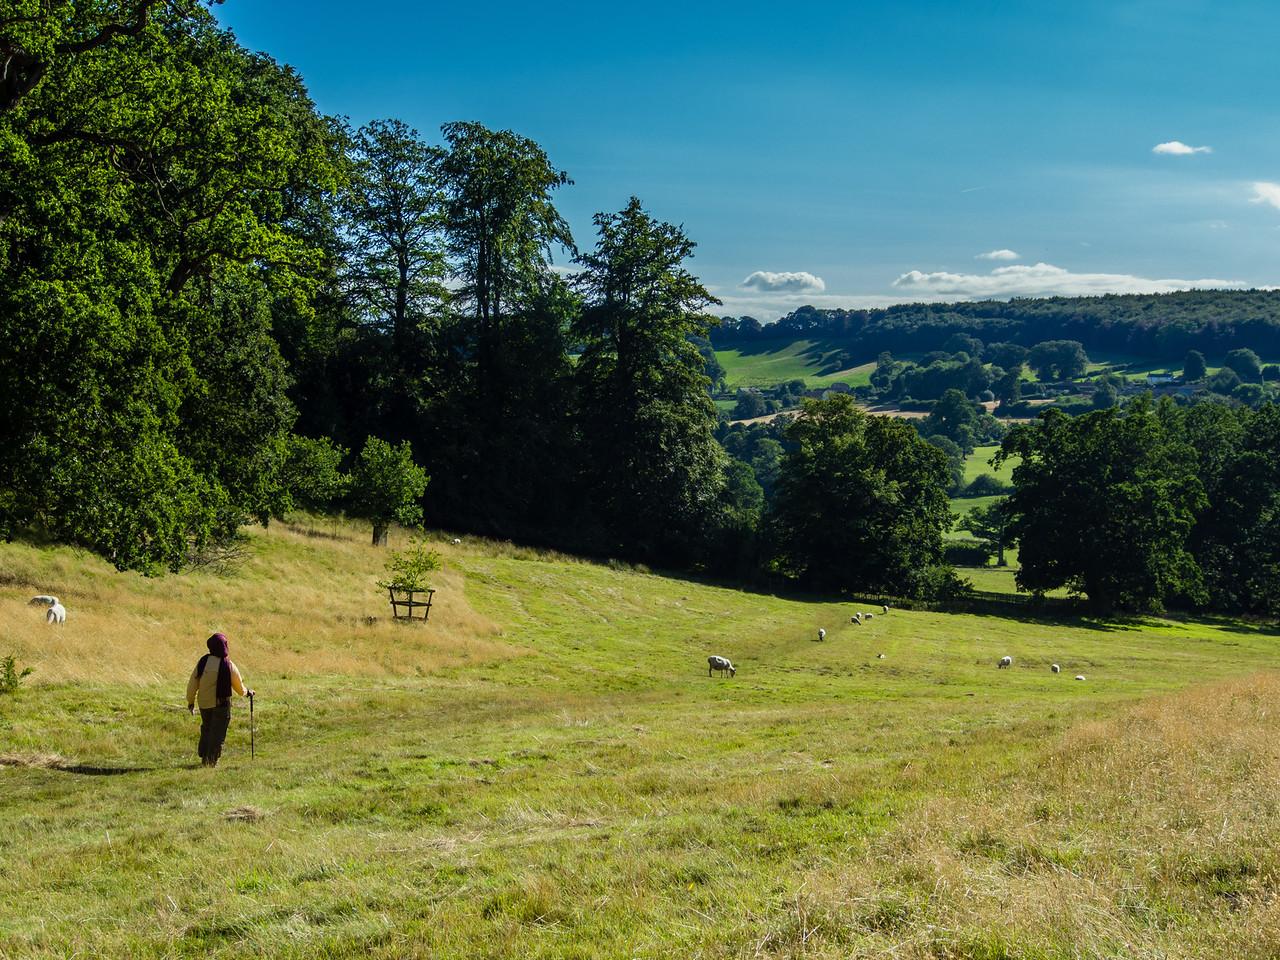 Walking through the pasture